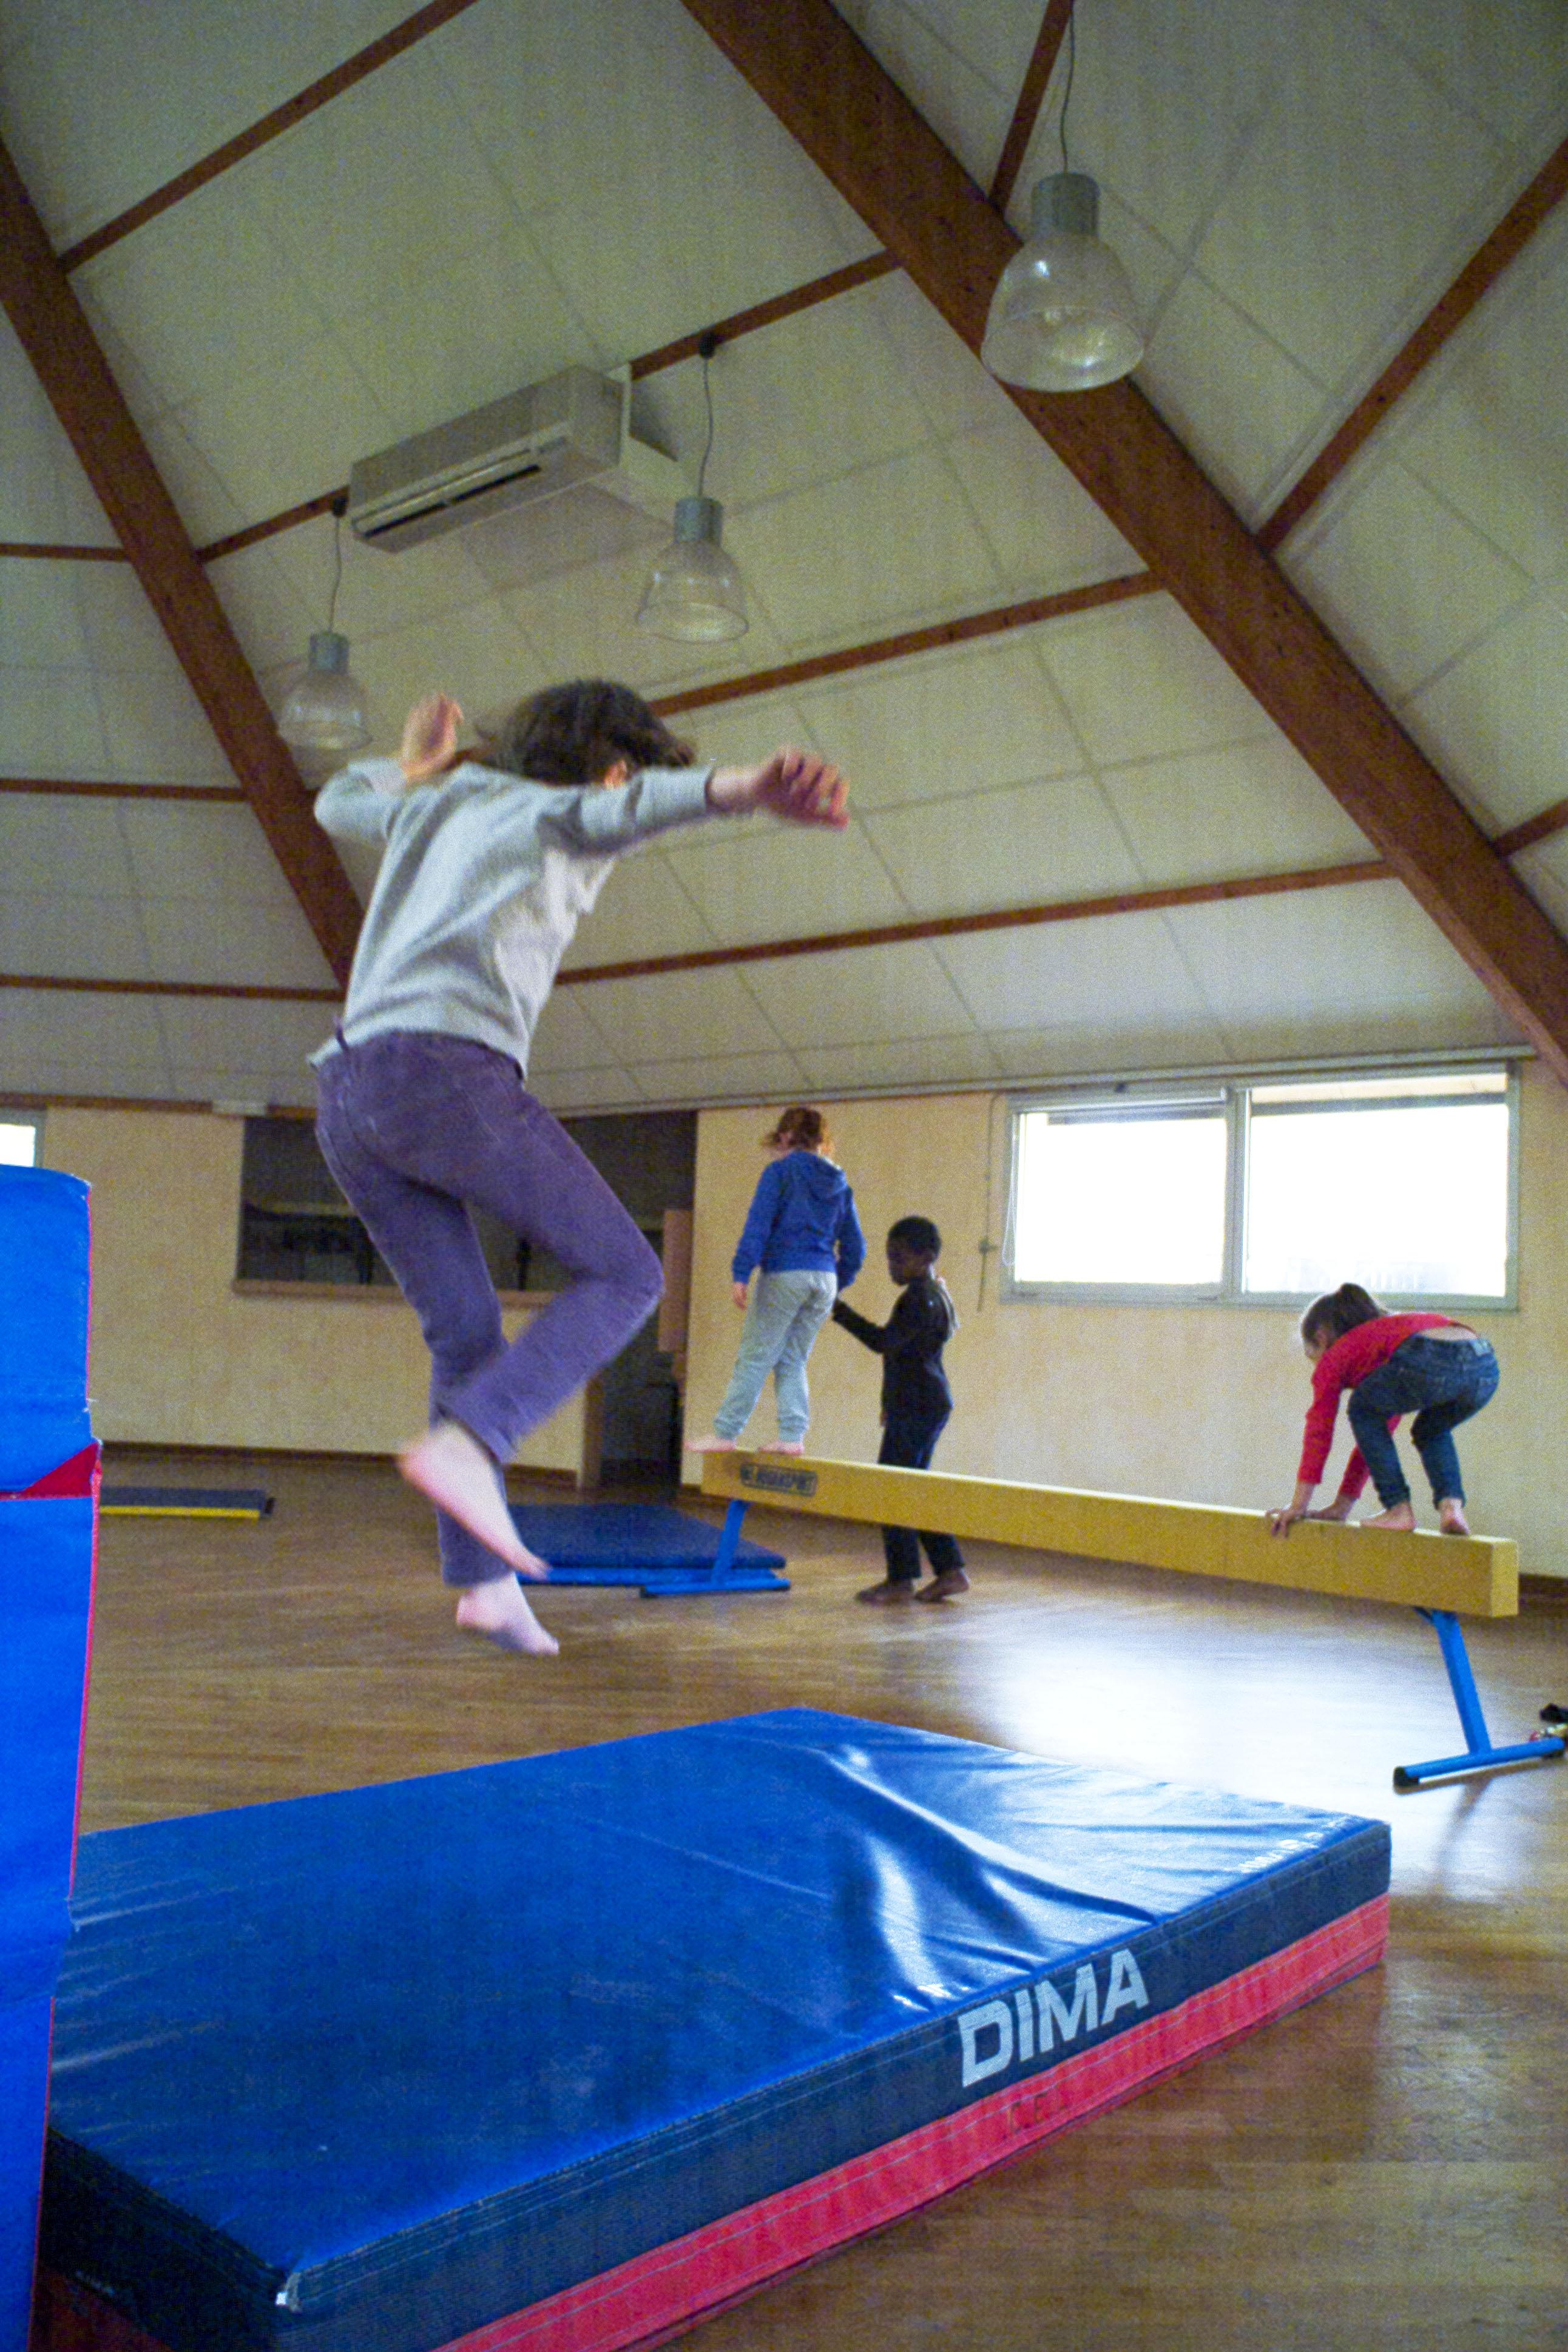 Gymnastique dans la salle de fêtes